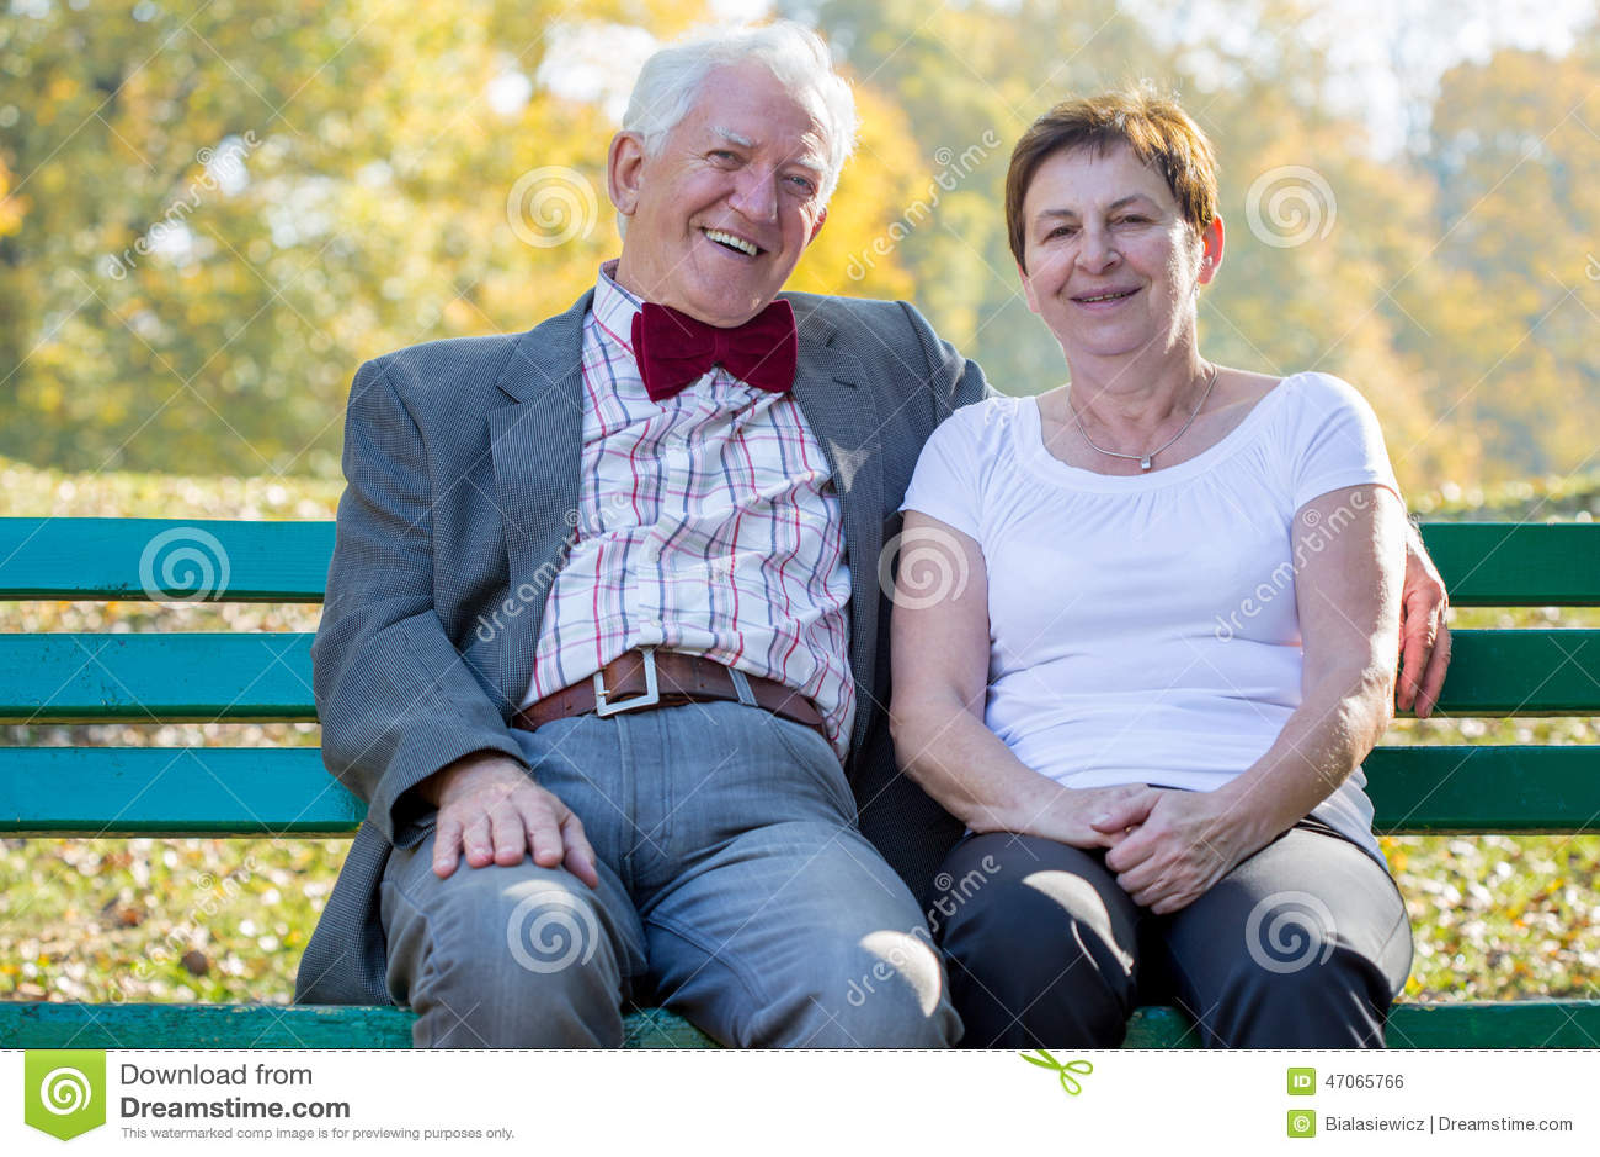 Matrimonio che si siede su un banco